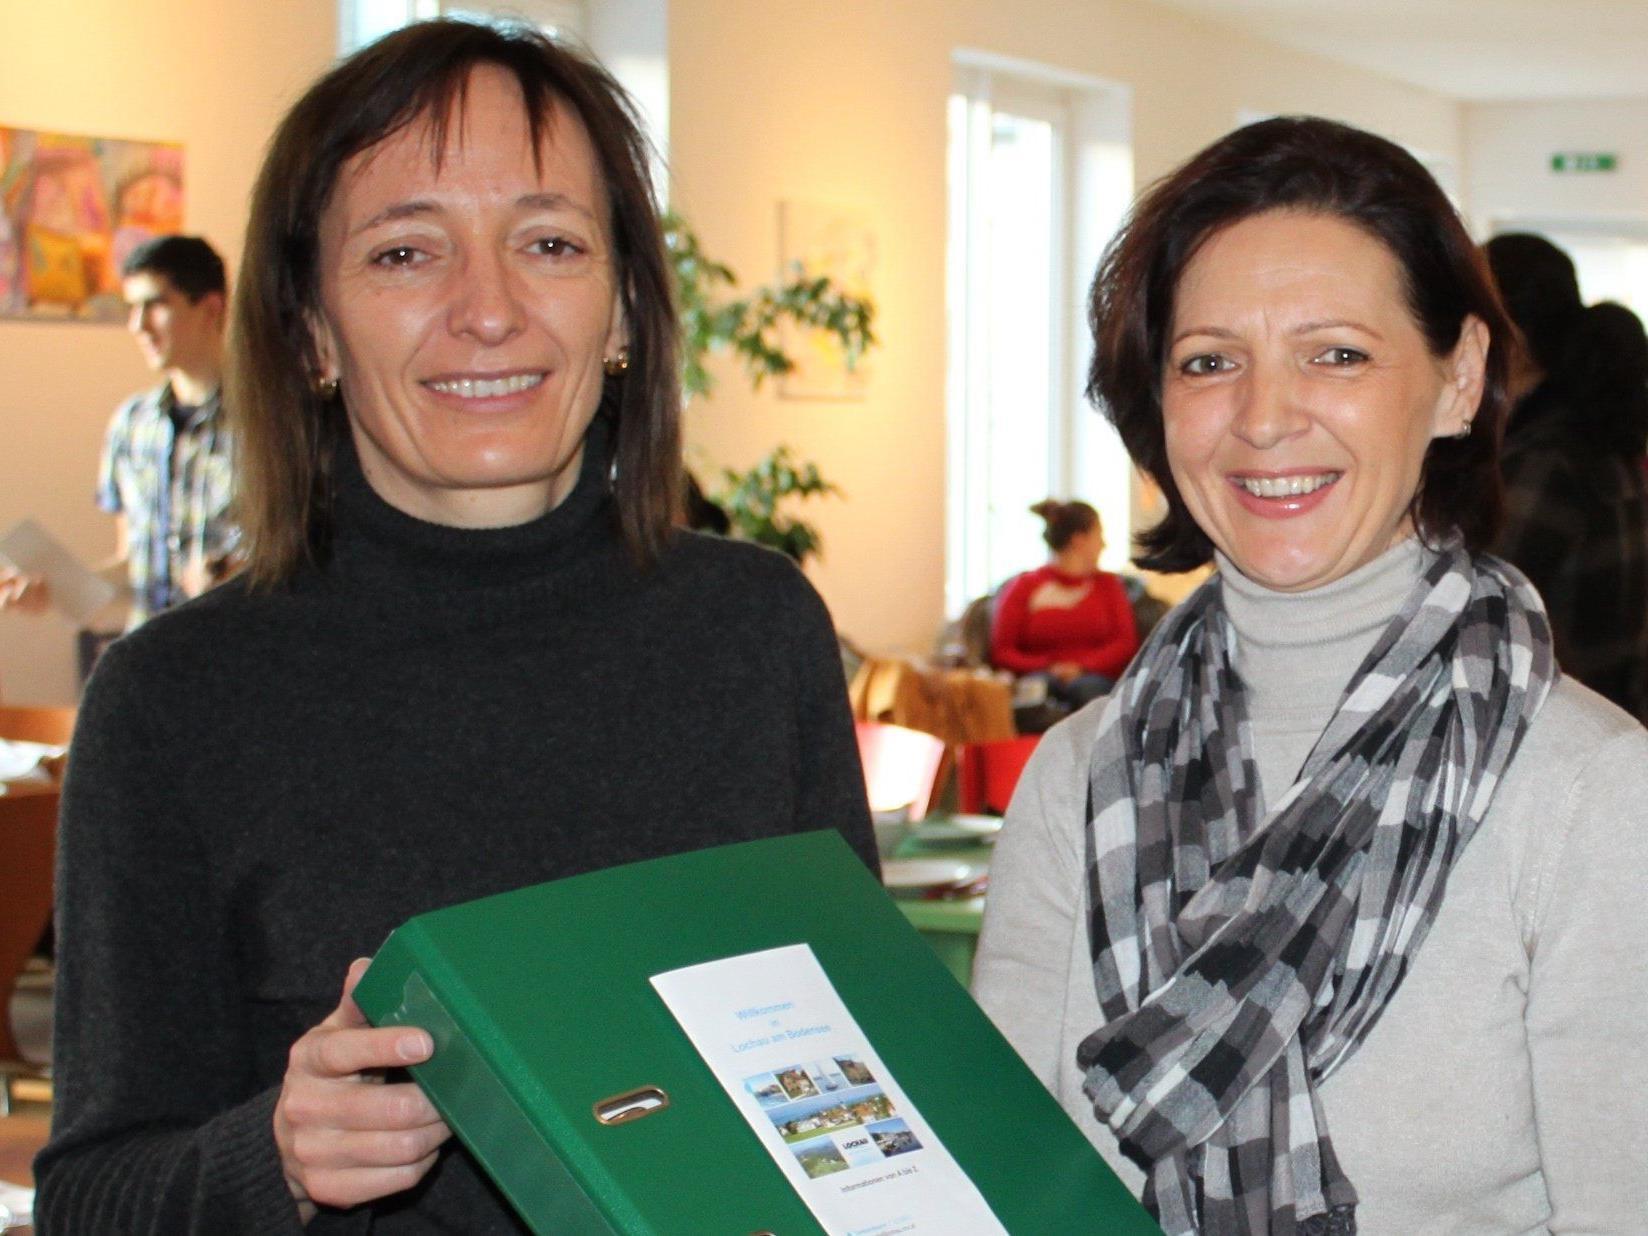 Andrea Kramer und Ingrid Hörburger begrüßen die neu zugezogenen Bürger der Gemeinde Lochau.